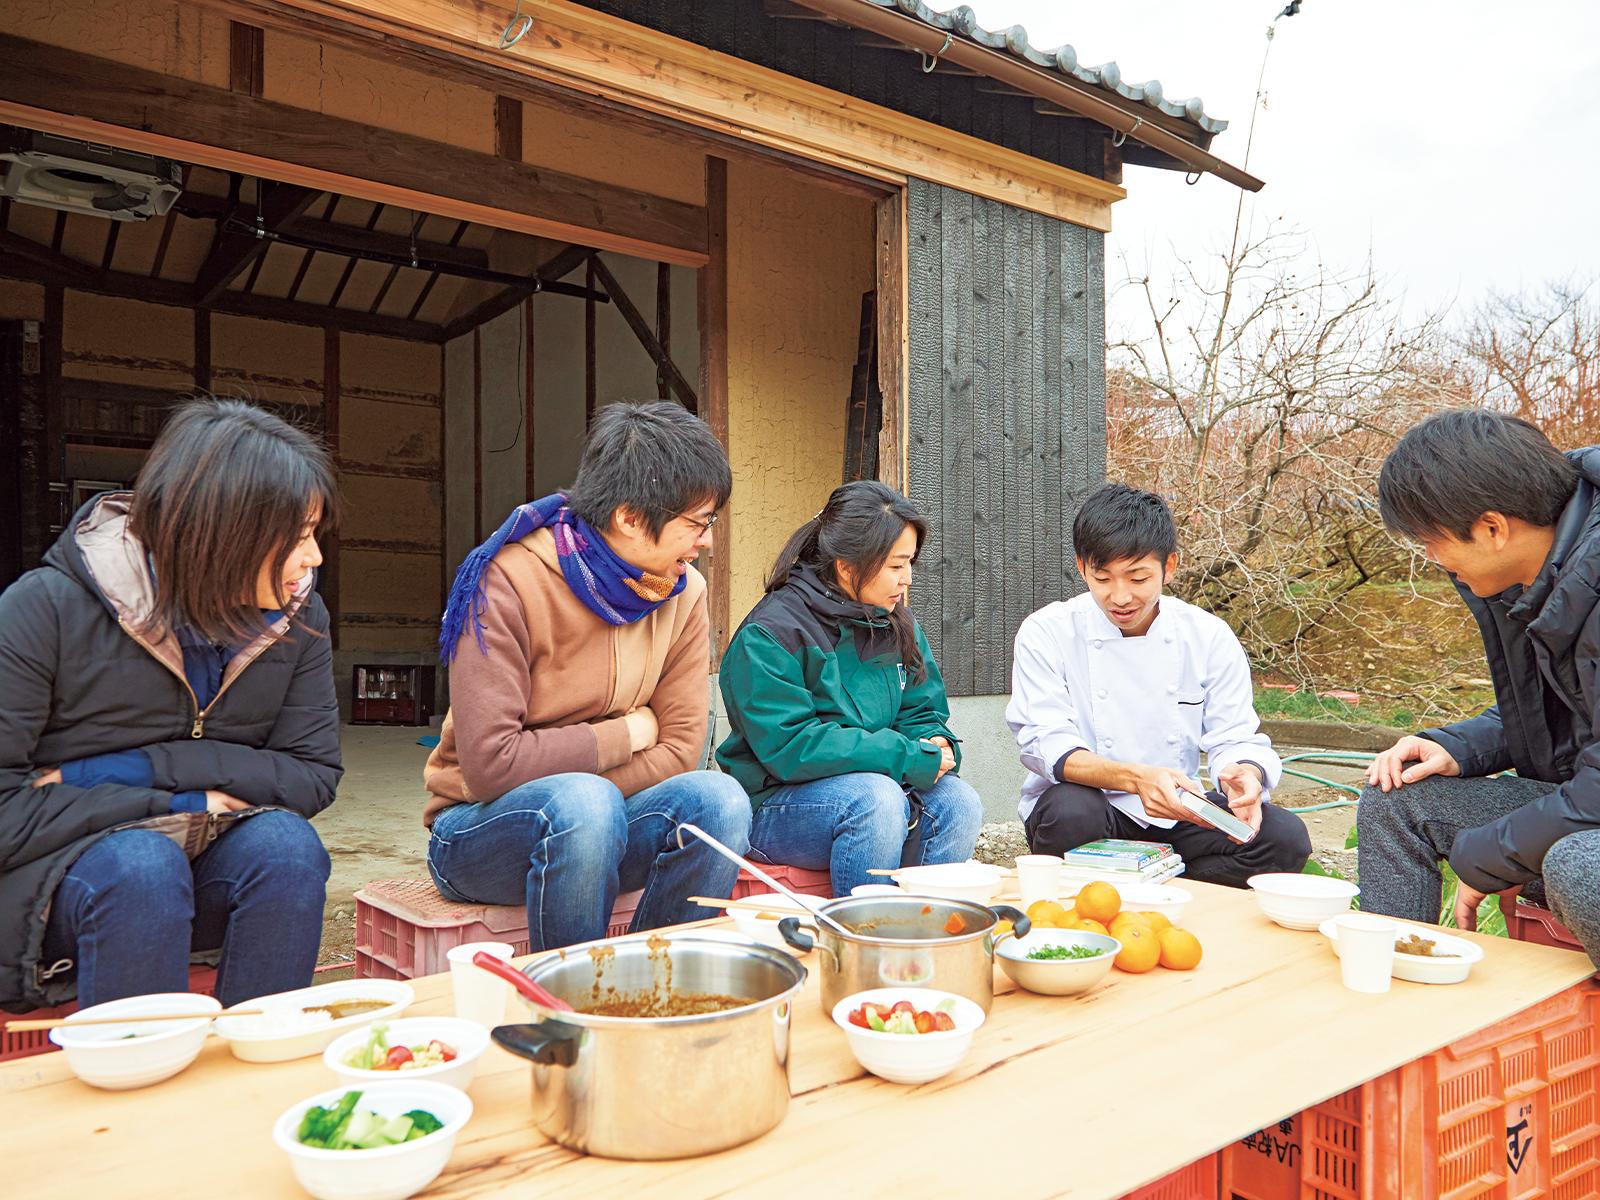 ジビエ料理を得意とするシェフ・更井亮介さんの開店間近のレストラン『Restaurant Cara vansarai』で昼食。雑草カレーと猪汁、ブロッコリーの葉のサラダ。